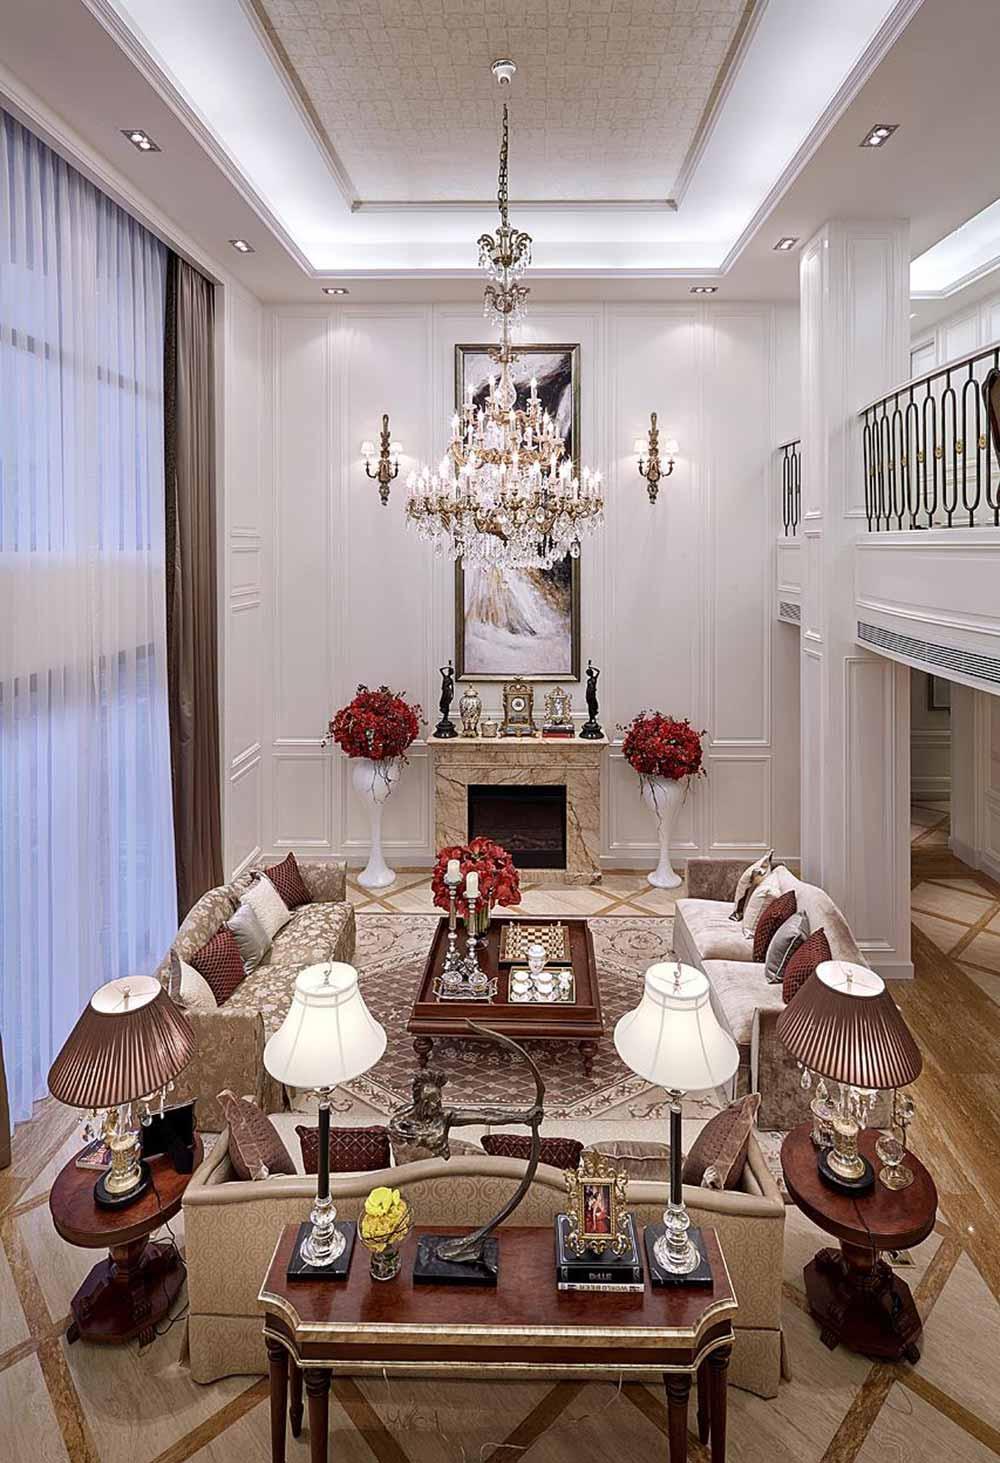 欧式风格别墅客厅装潢设计俯瞰图-兔狗装修效果图